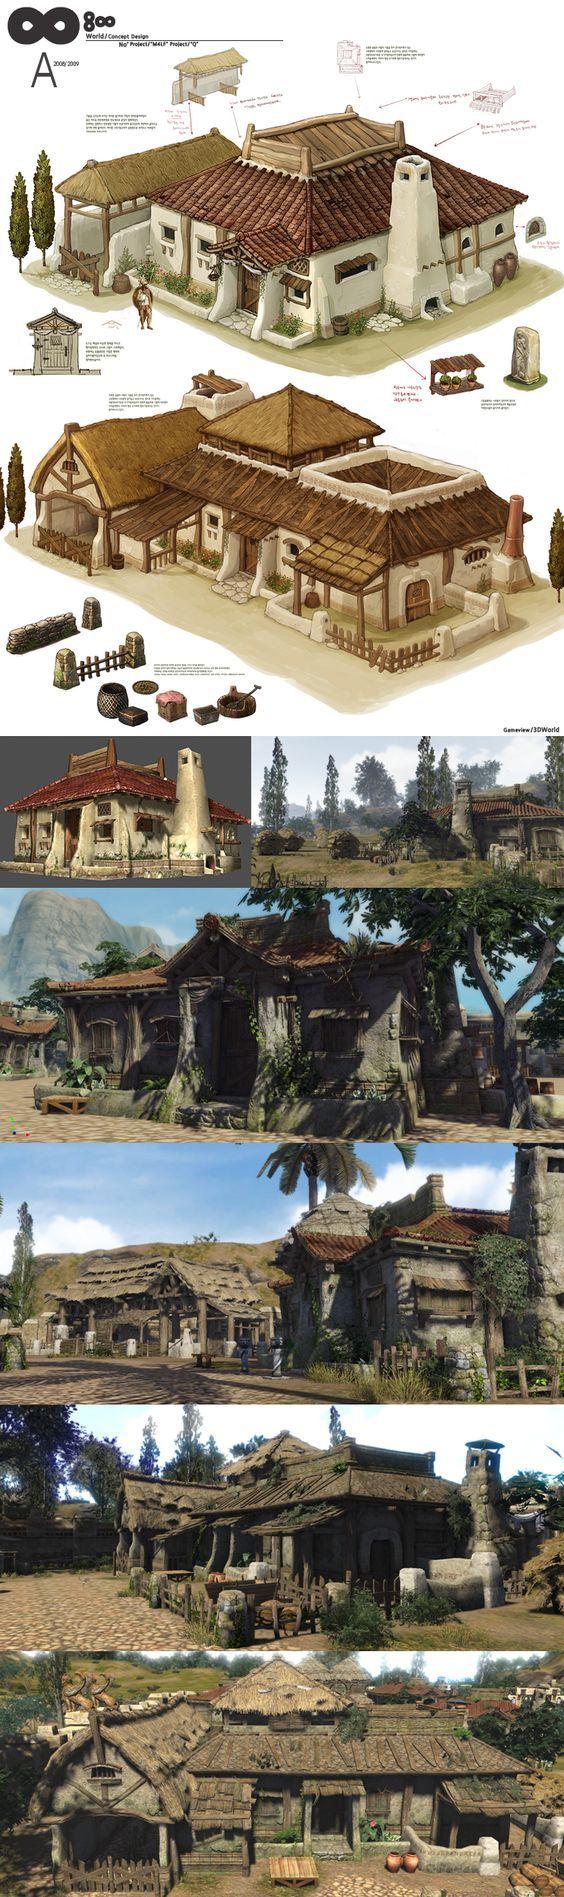 Изображения в записи сообщества